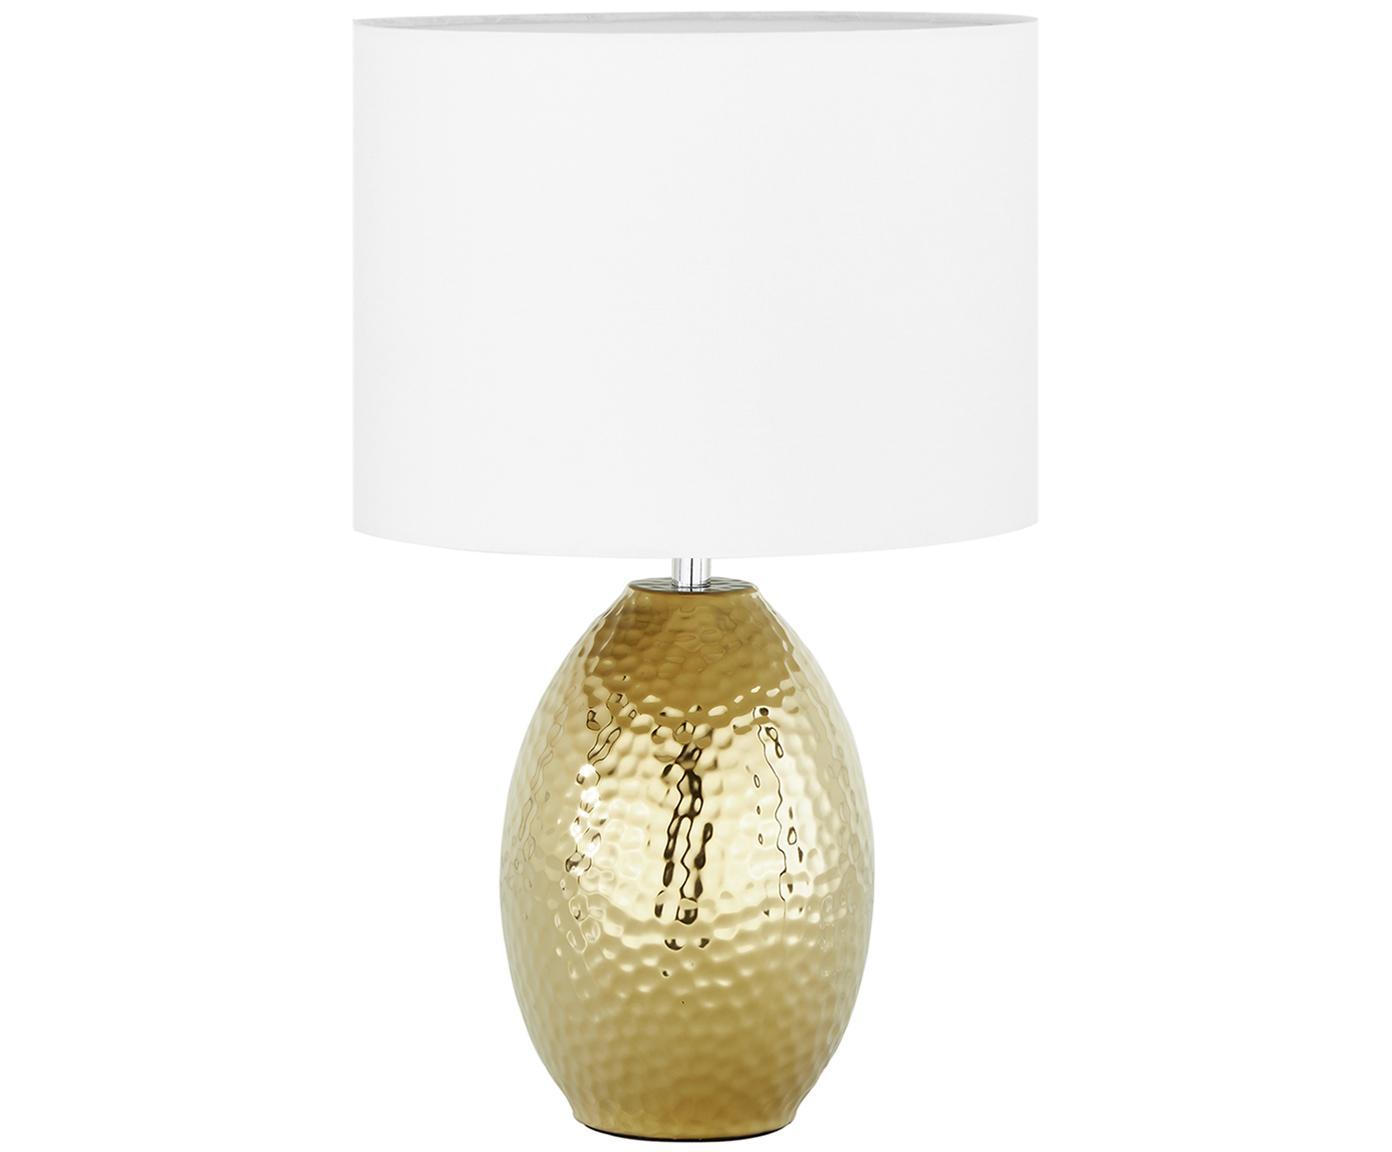 Tischleuchte Eleanora, Lampenschirm: Textil, Lampenfuß: Keramik, Weiß, Goldfarben, Ø 20 x H 47 cm